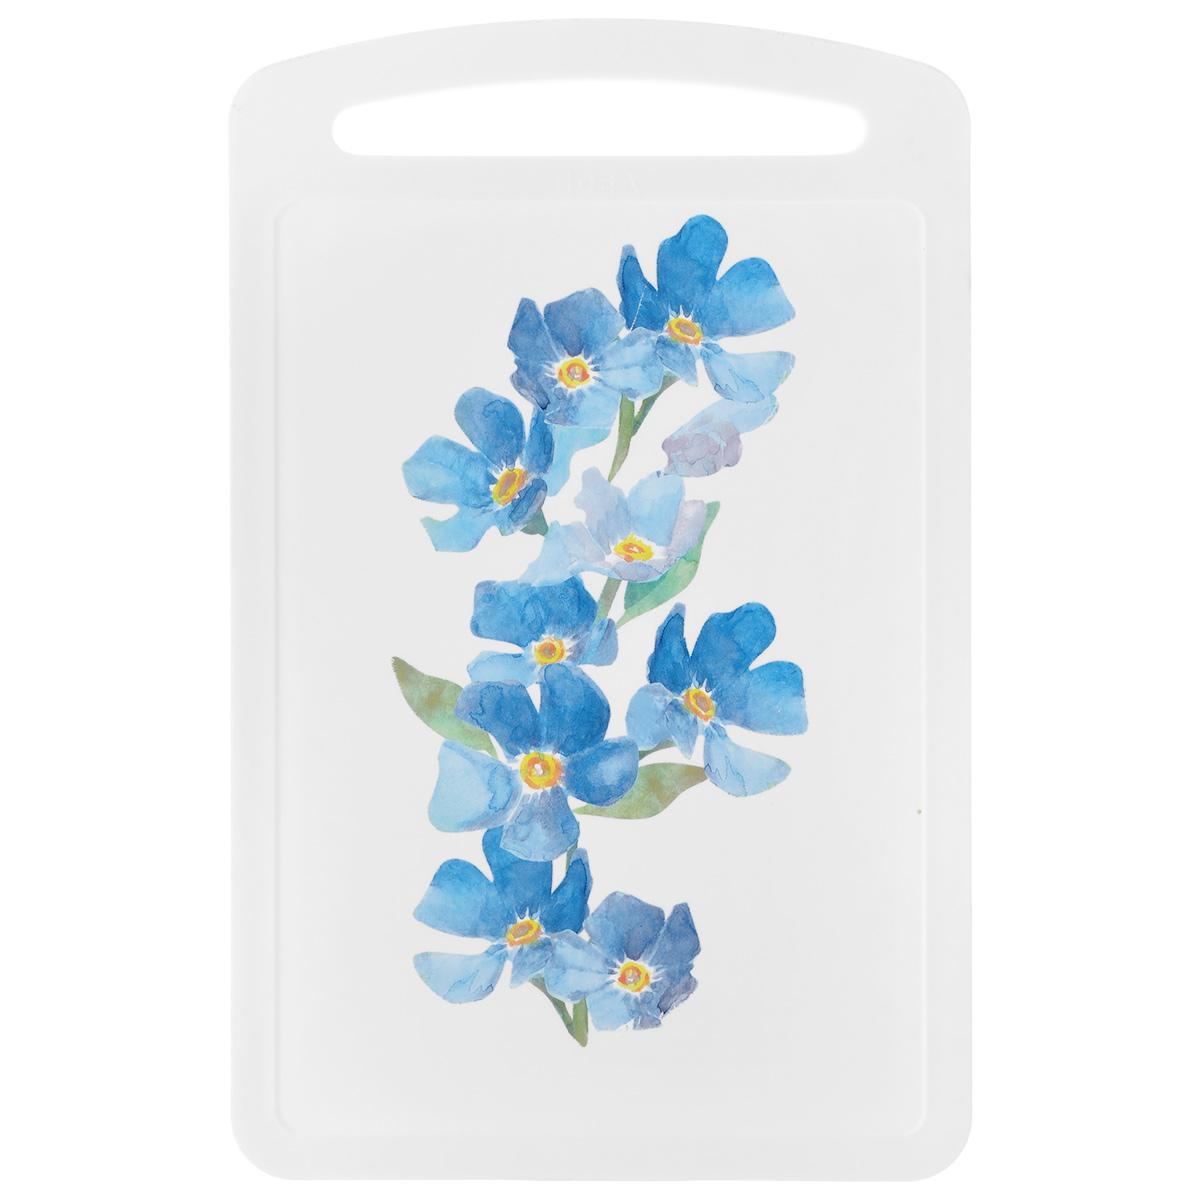 Доска разделочная Idea Голубые цветы, 27,5 см х 17 см доска разделочная idea голубые цветы 24 см х 15 см